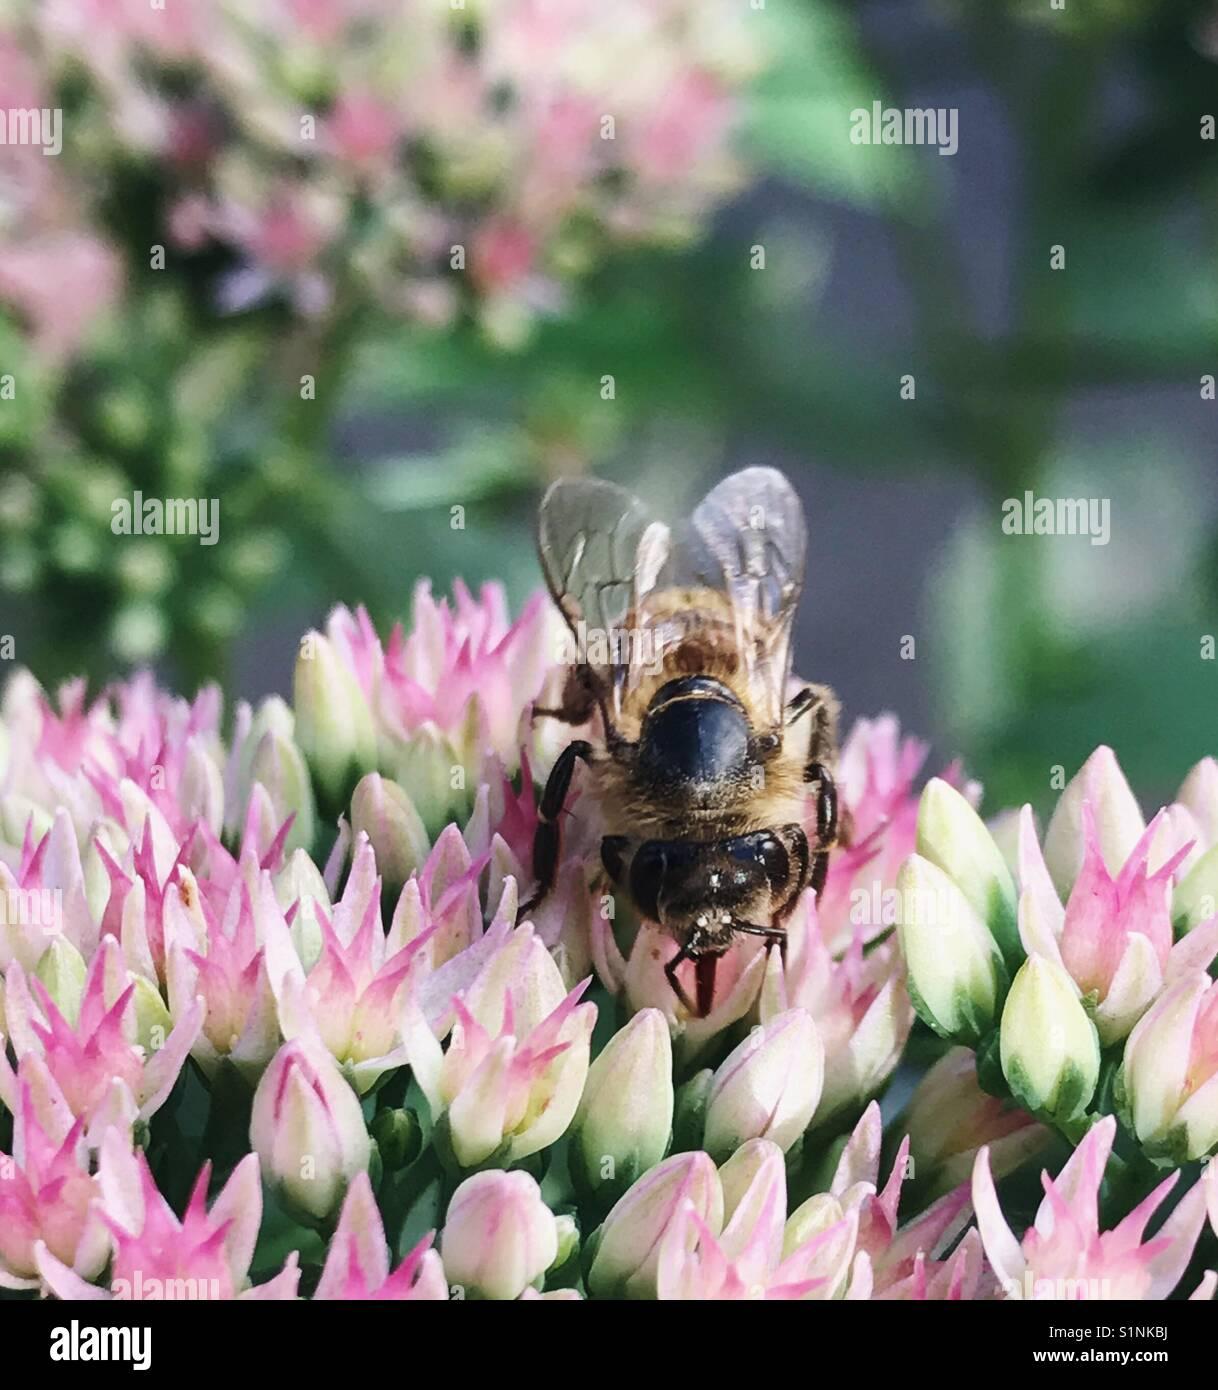 Nahaufnahme von einer Biene auf einem springenden Bess Blume Stockbild